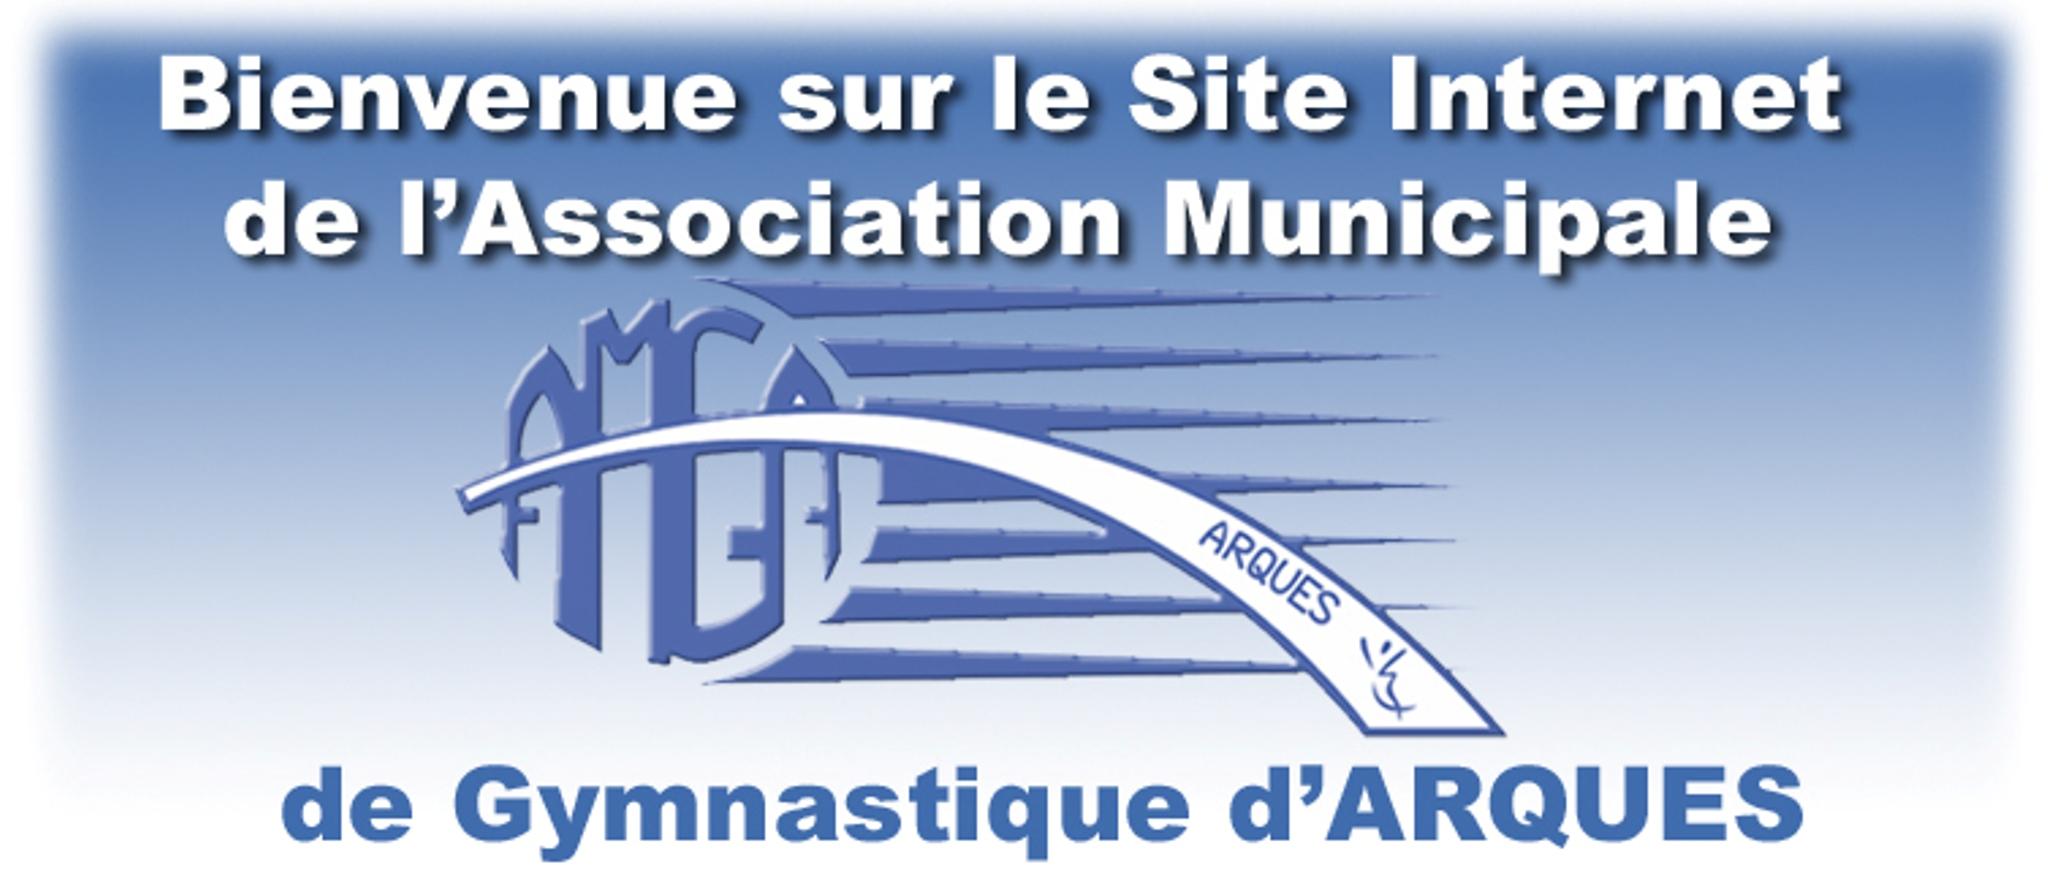 www.arques-gym.fr